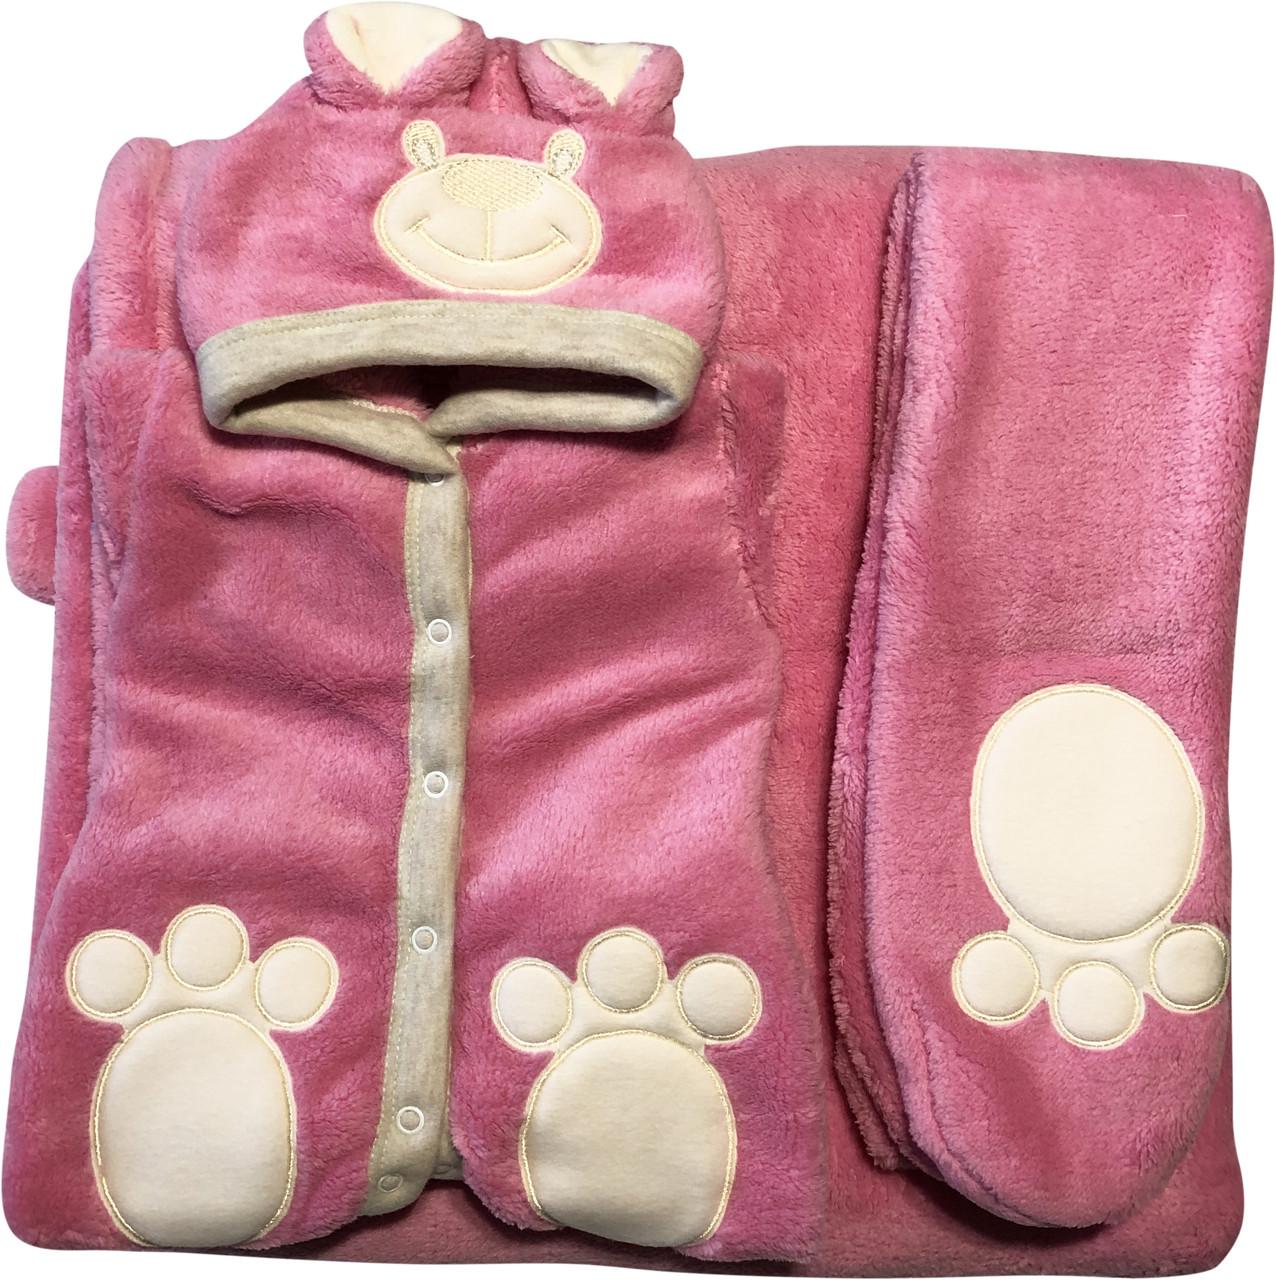 Осенний весенний комплект конверт 90х100 демисезонный на выписку из роддома с ушками махровый розовый для новорожденных девочке Р736